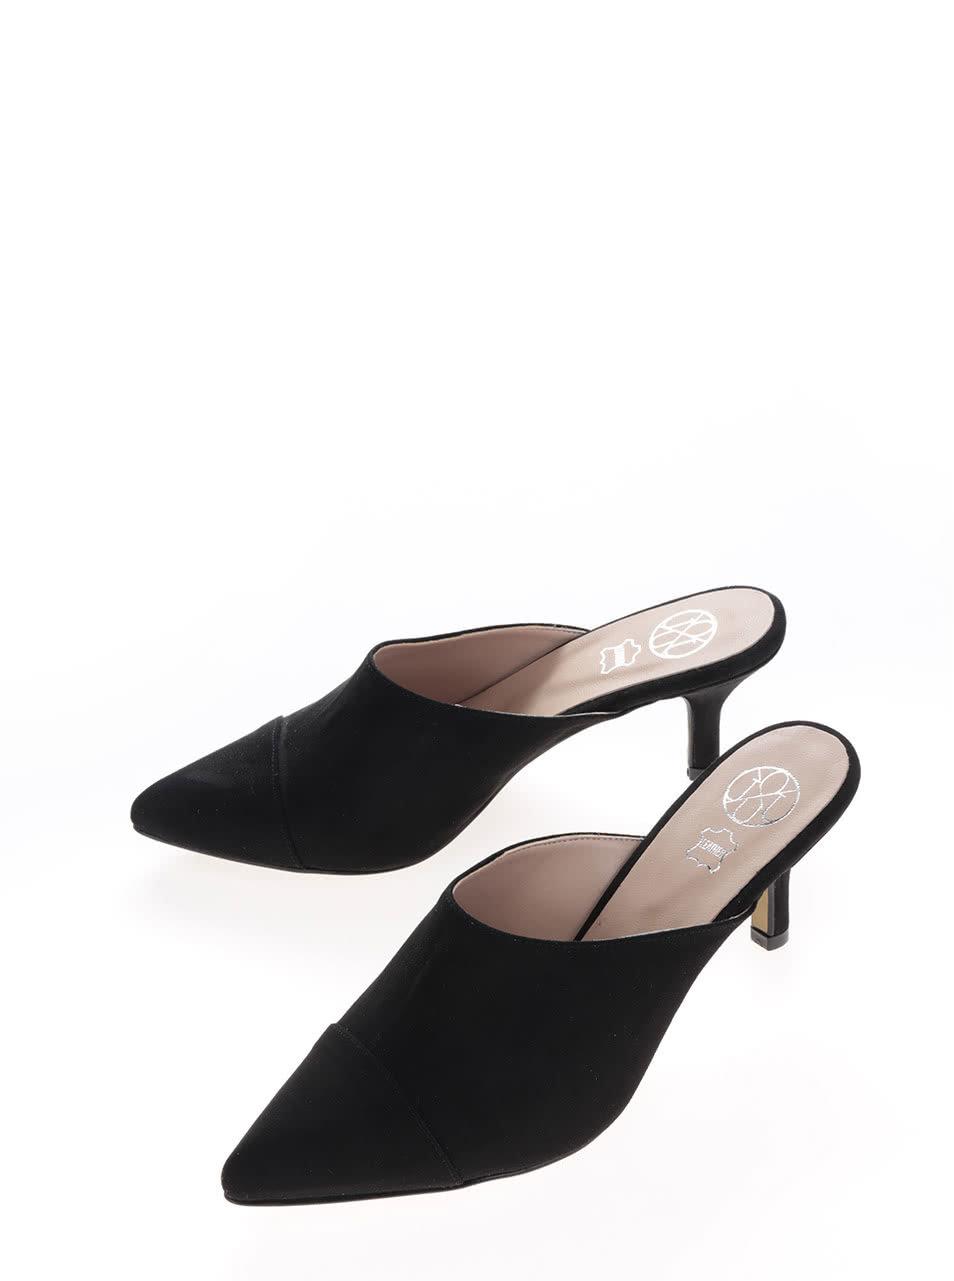 Černé nazouvací boty v semišové úpravě na podpatku OJJU ... 28dc2ad3e9